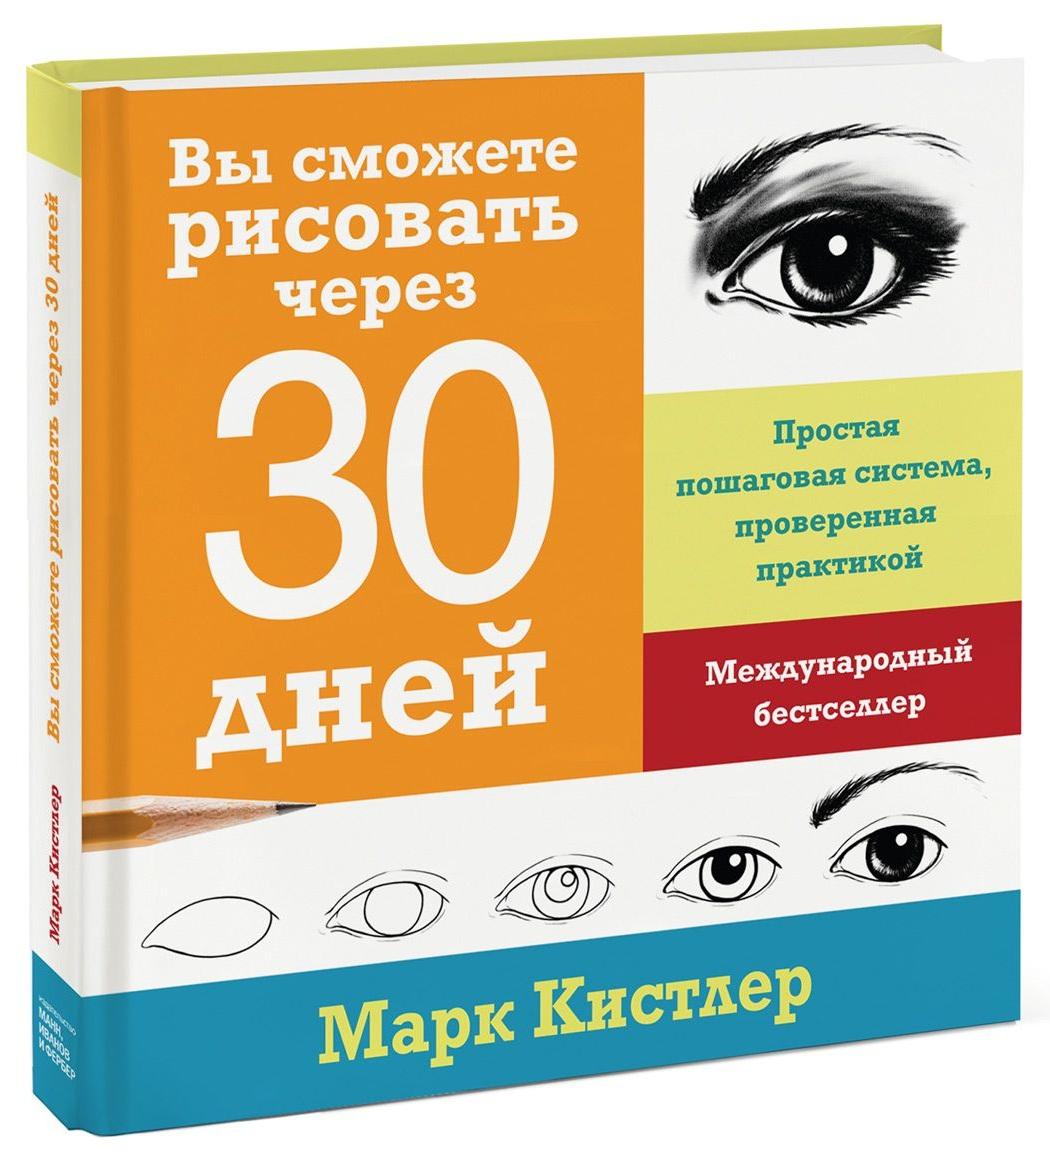 Купить Вы сможете рисовать через 30 дней, Марк Кистлер, 978-5-00057-150-7, 978-5-00057-481-2, 978-5-00057-904-6, 978-5-00117-136-2